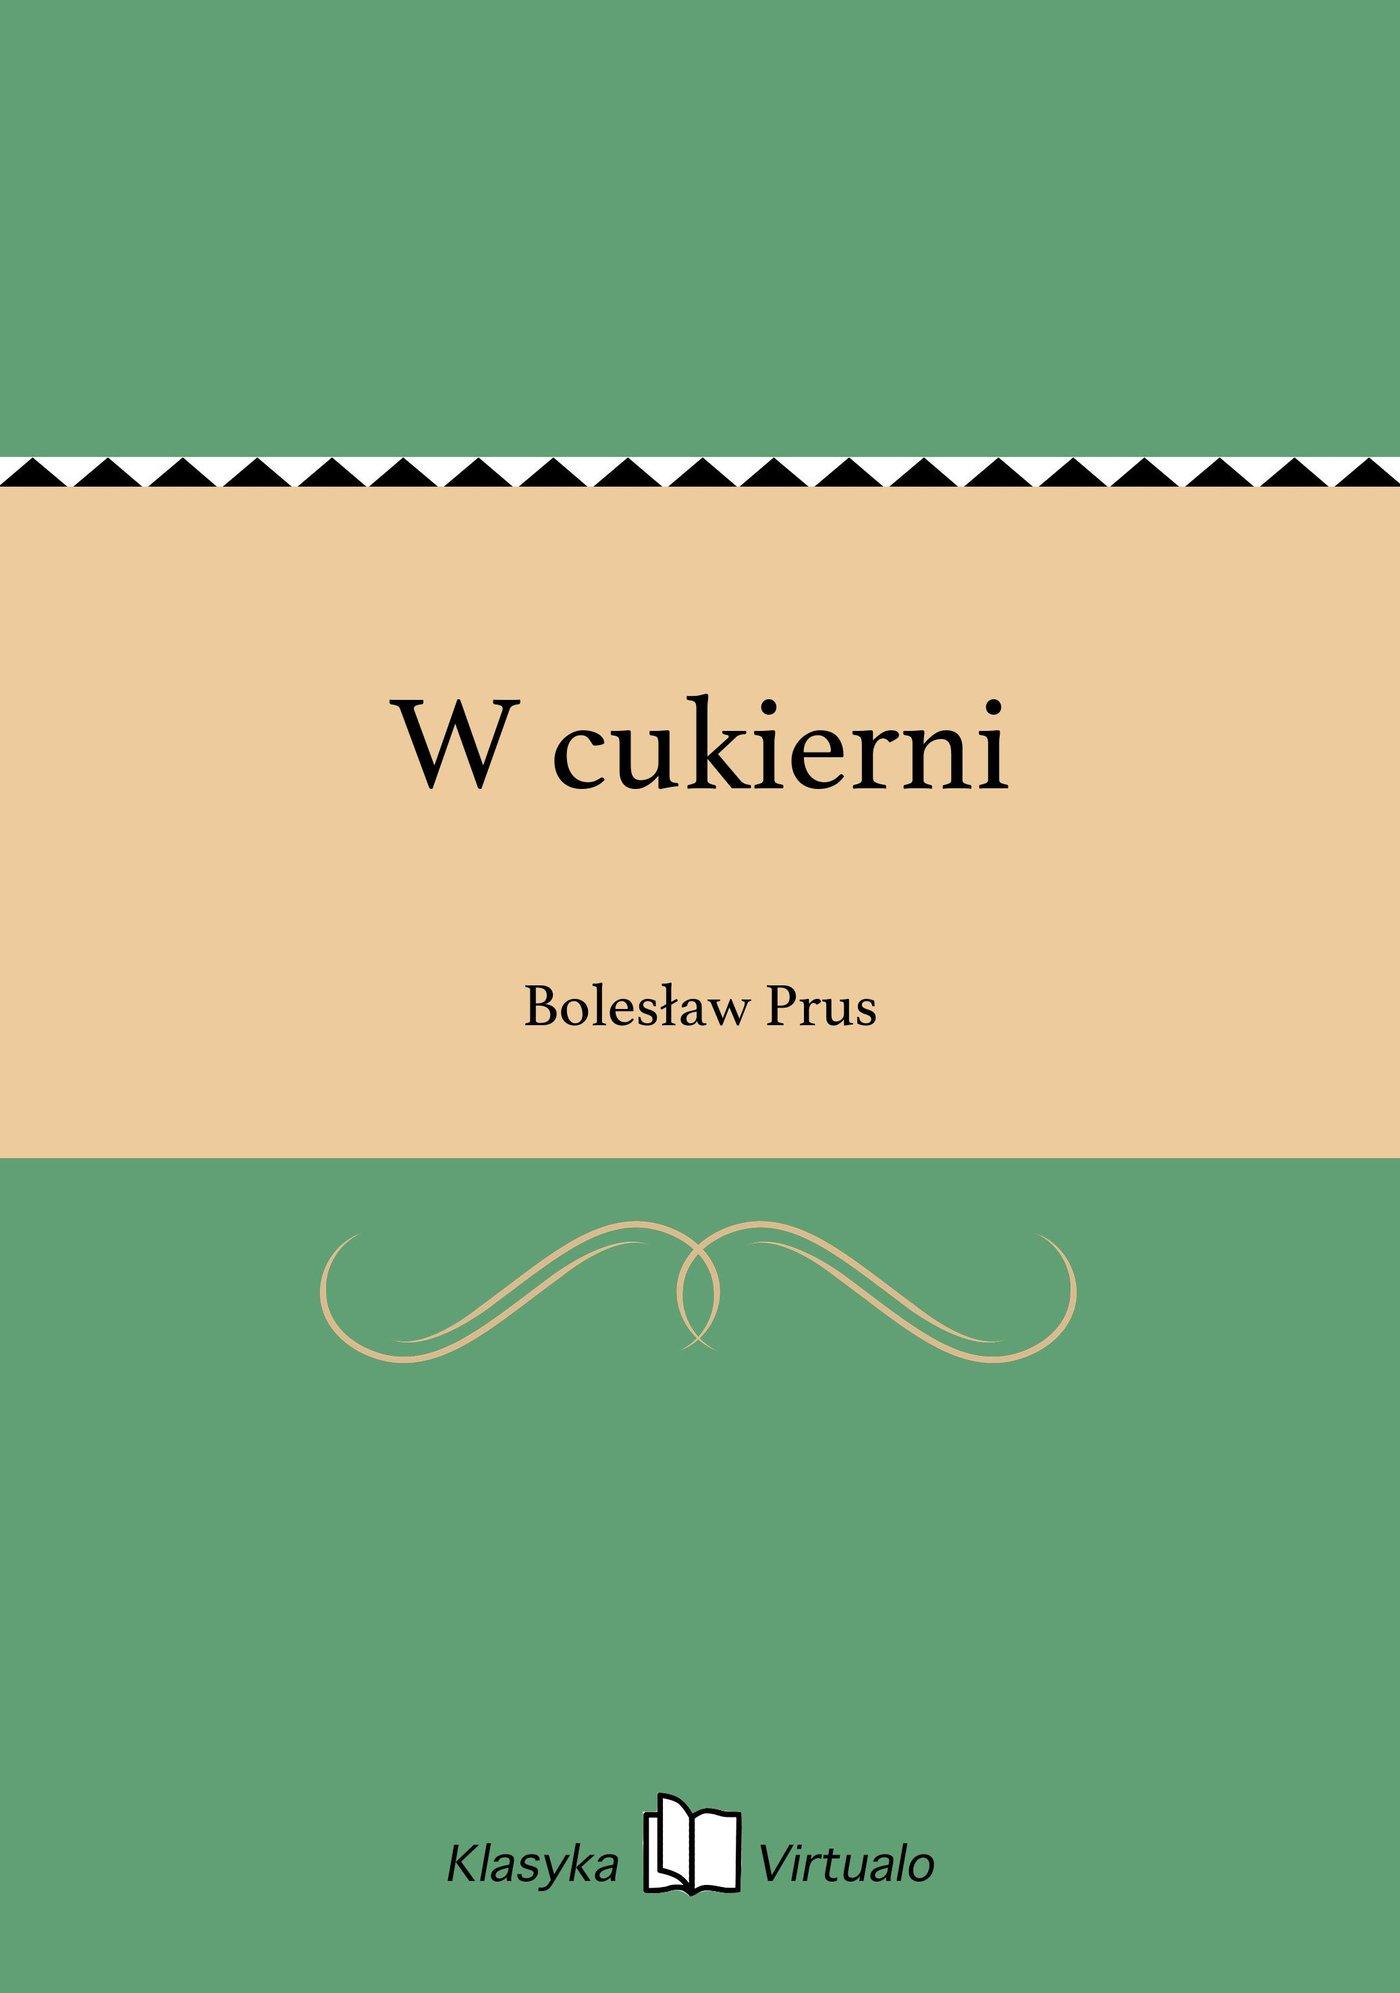 W cukierni - Ebook (Książka EPUB) do pobrania w formacie EPUB